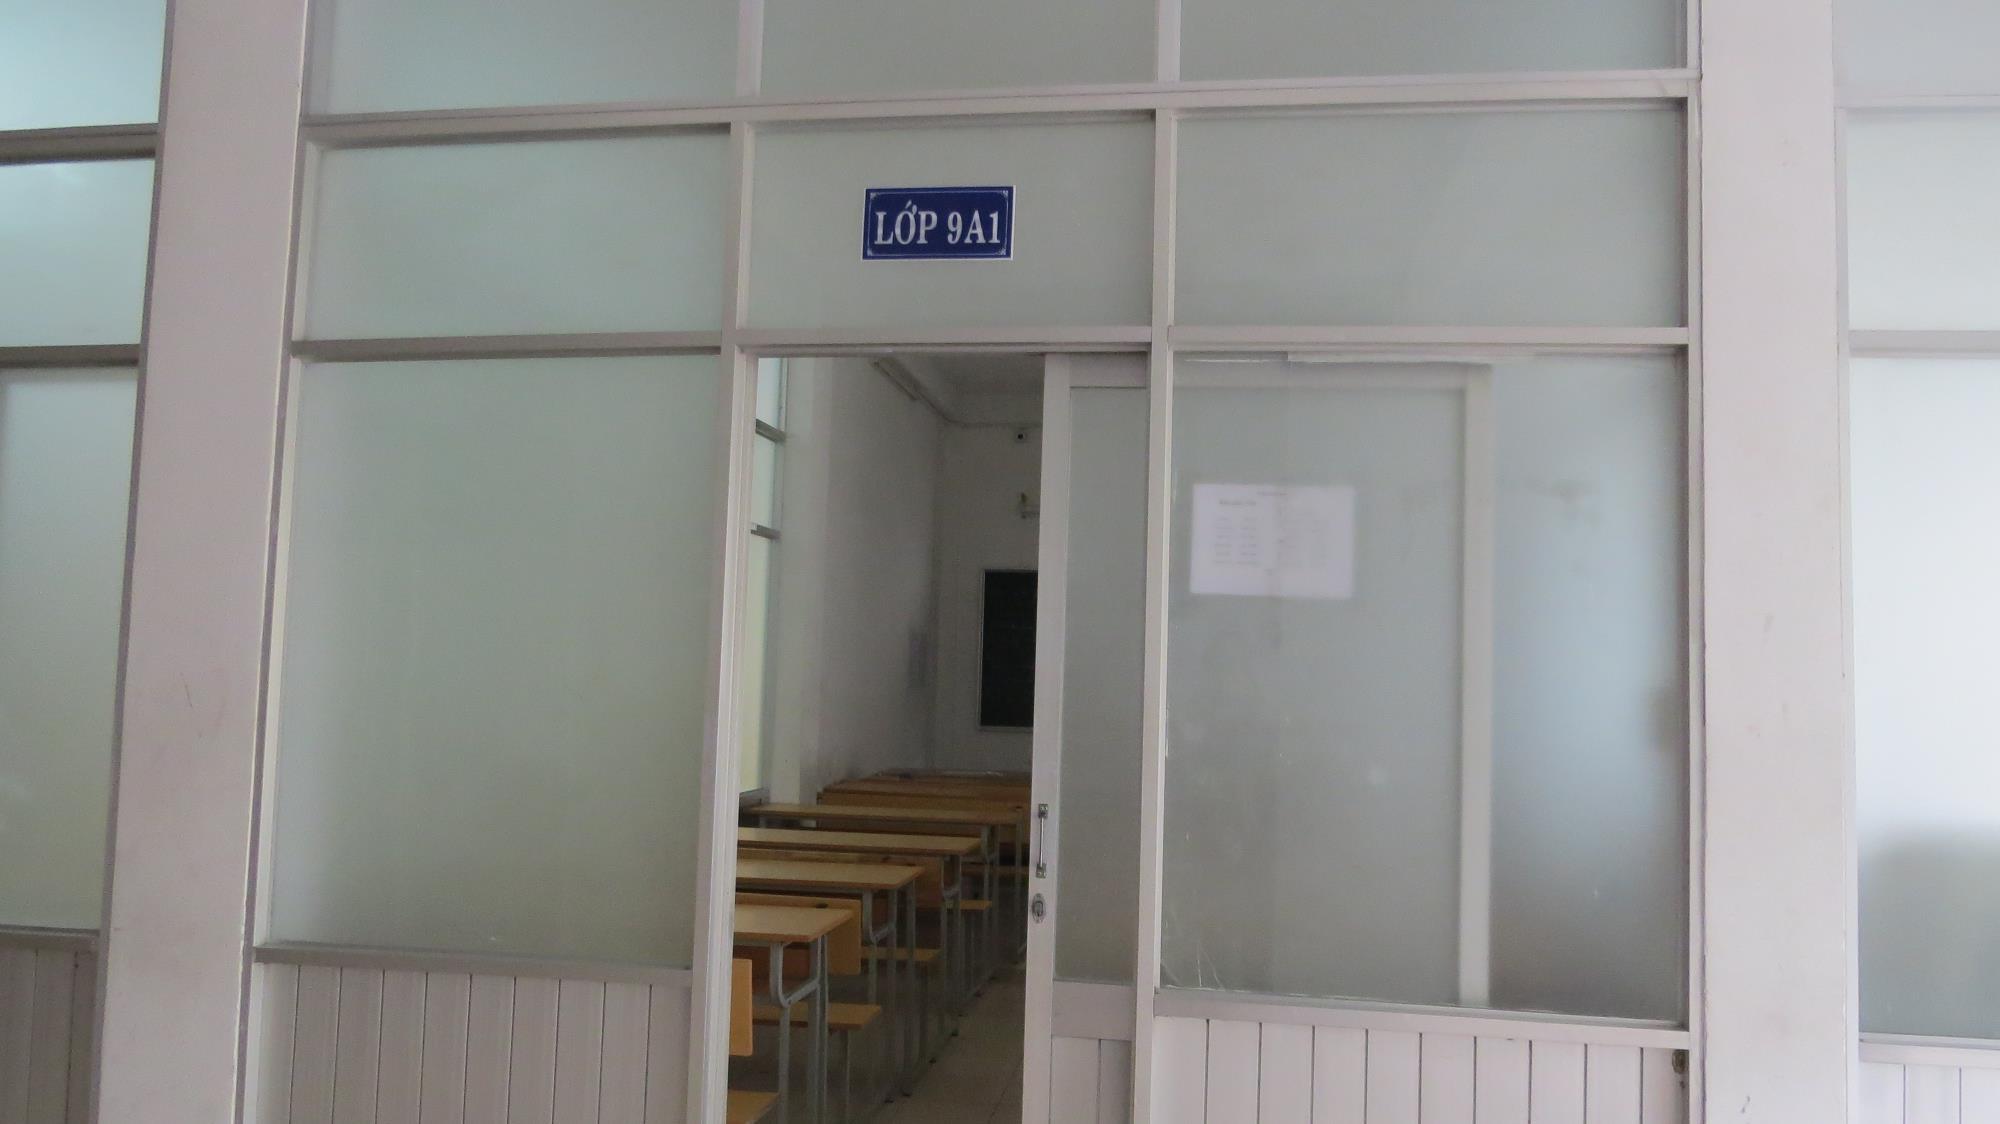 Ghé thăm ngôi trường kỳ lạ nhất Việt Nam: Mẹ rơi nước mắt khi thấy con thay đổi hoàn toàn - Ảnh 5